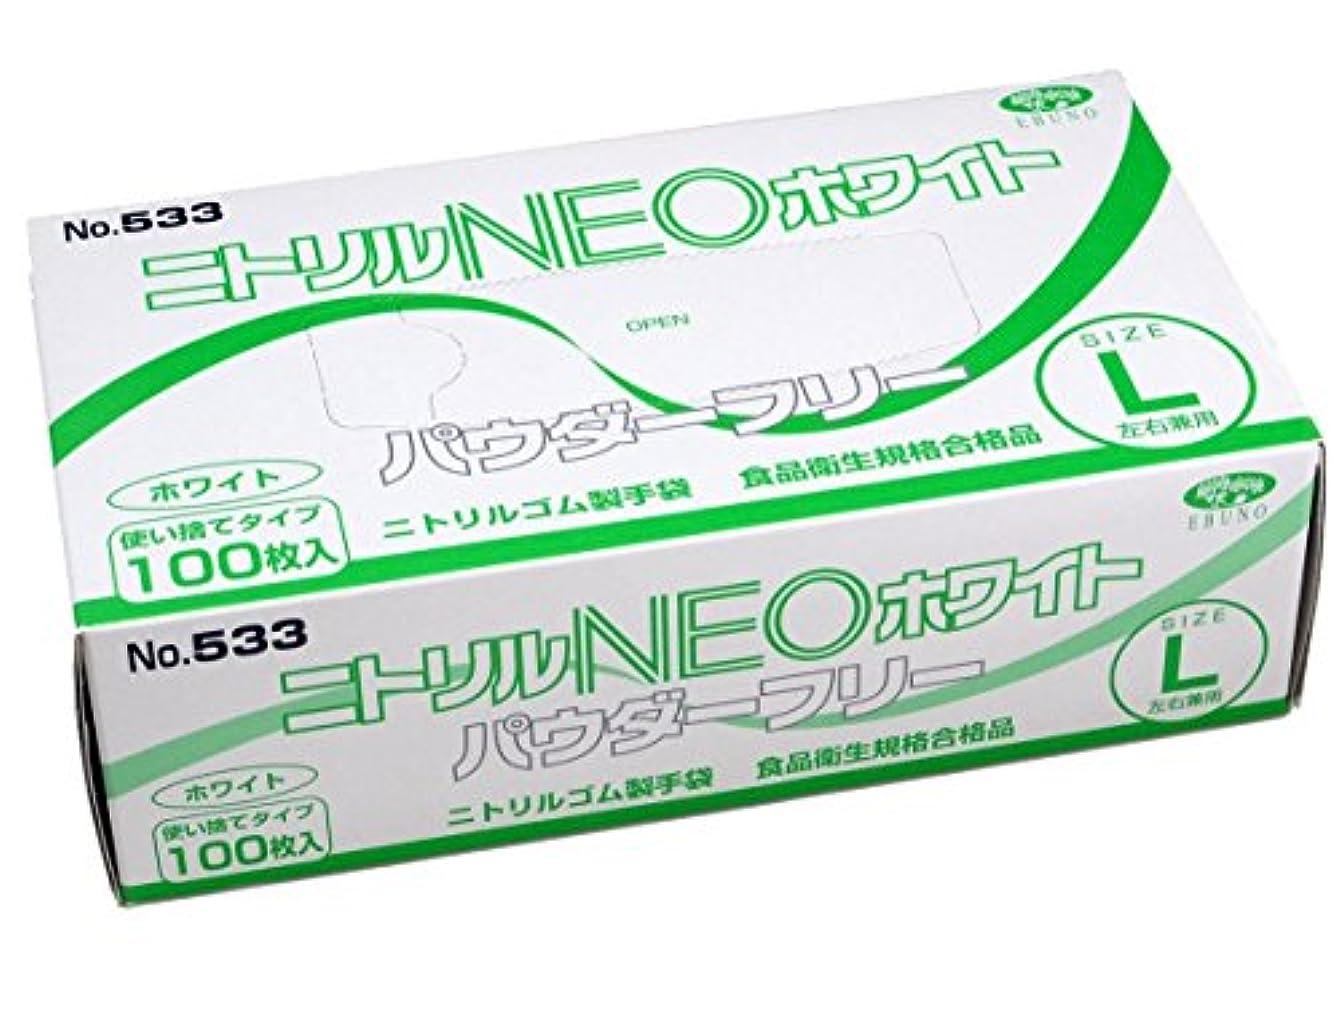 旋律的正しいイノセンス使い捨て手袋 ニトリル NEO ホワイト パウダーフリー 手袋 L